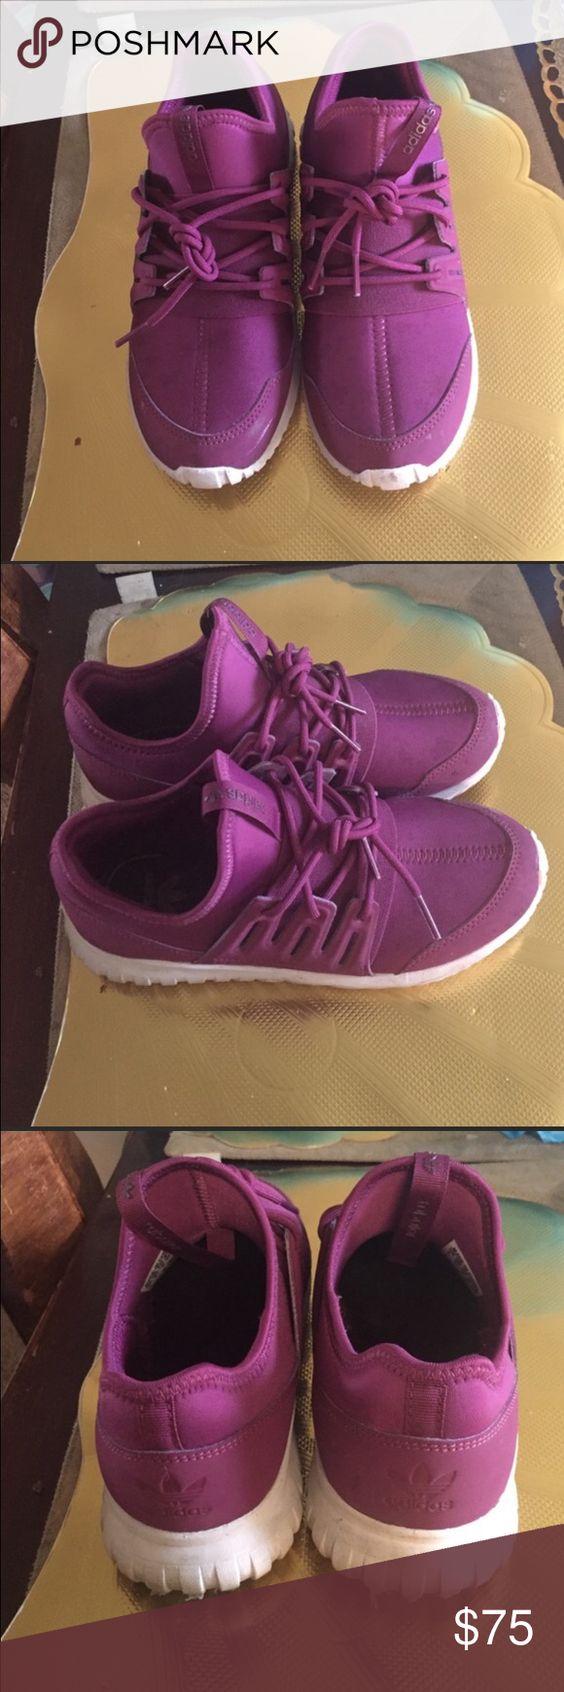 Adidas Tubular Size 3